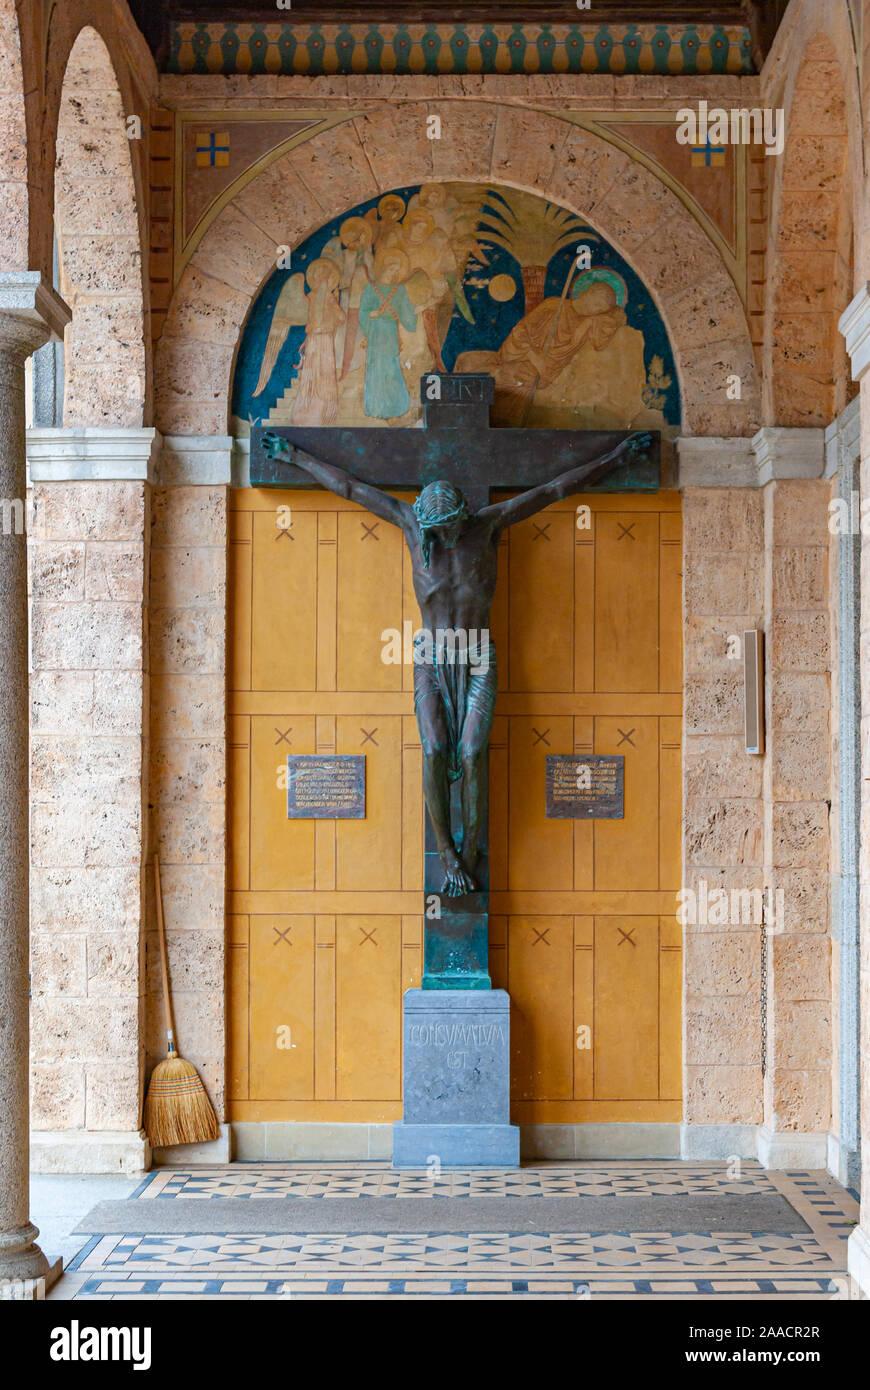 Kruzifix in der Vorhalle der Klosterkirche der Erzabtei Beuron St. Martin im Oberen Donautal, Baden-Württemberg, Deutschland. Stockfoto